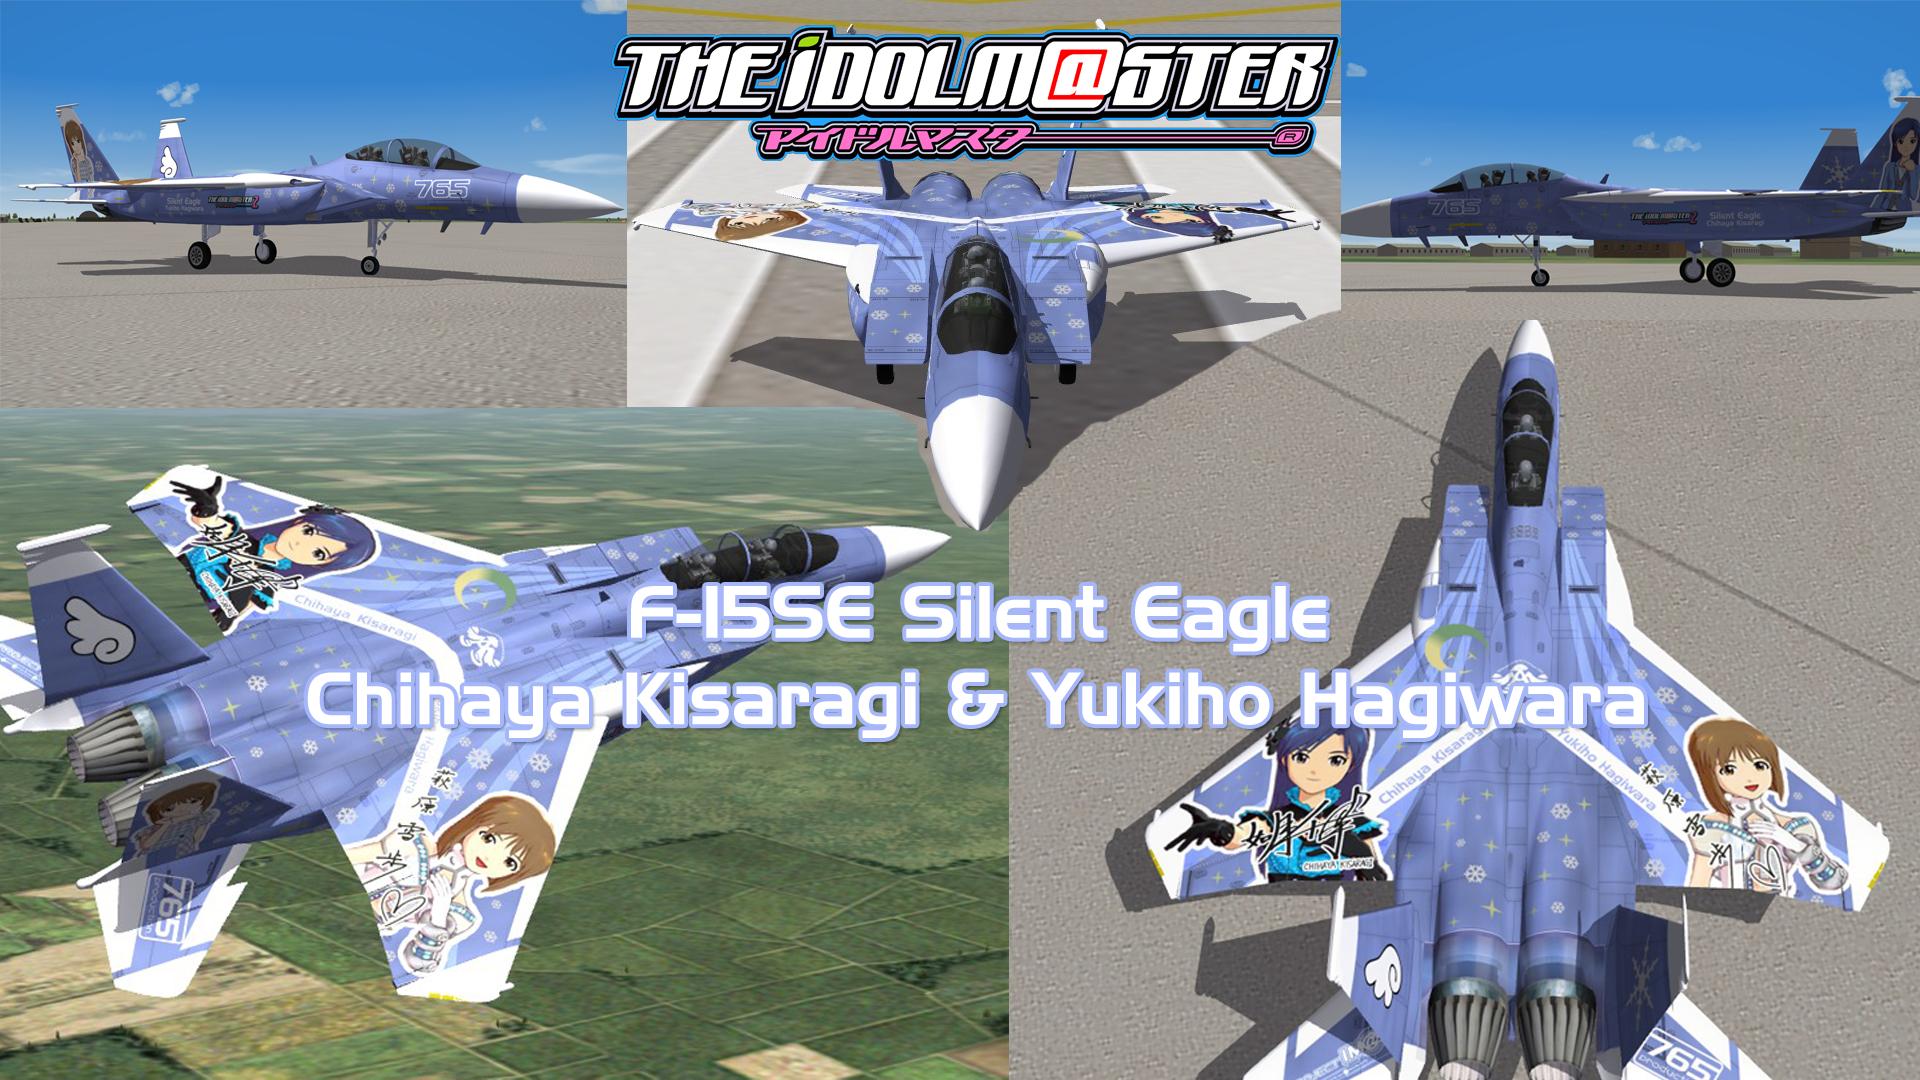 F-15SE Im@s Chihaya X Yukiho